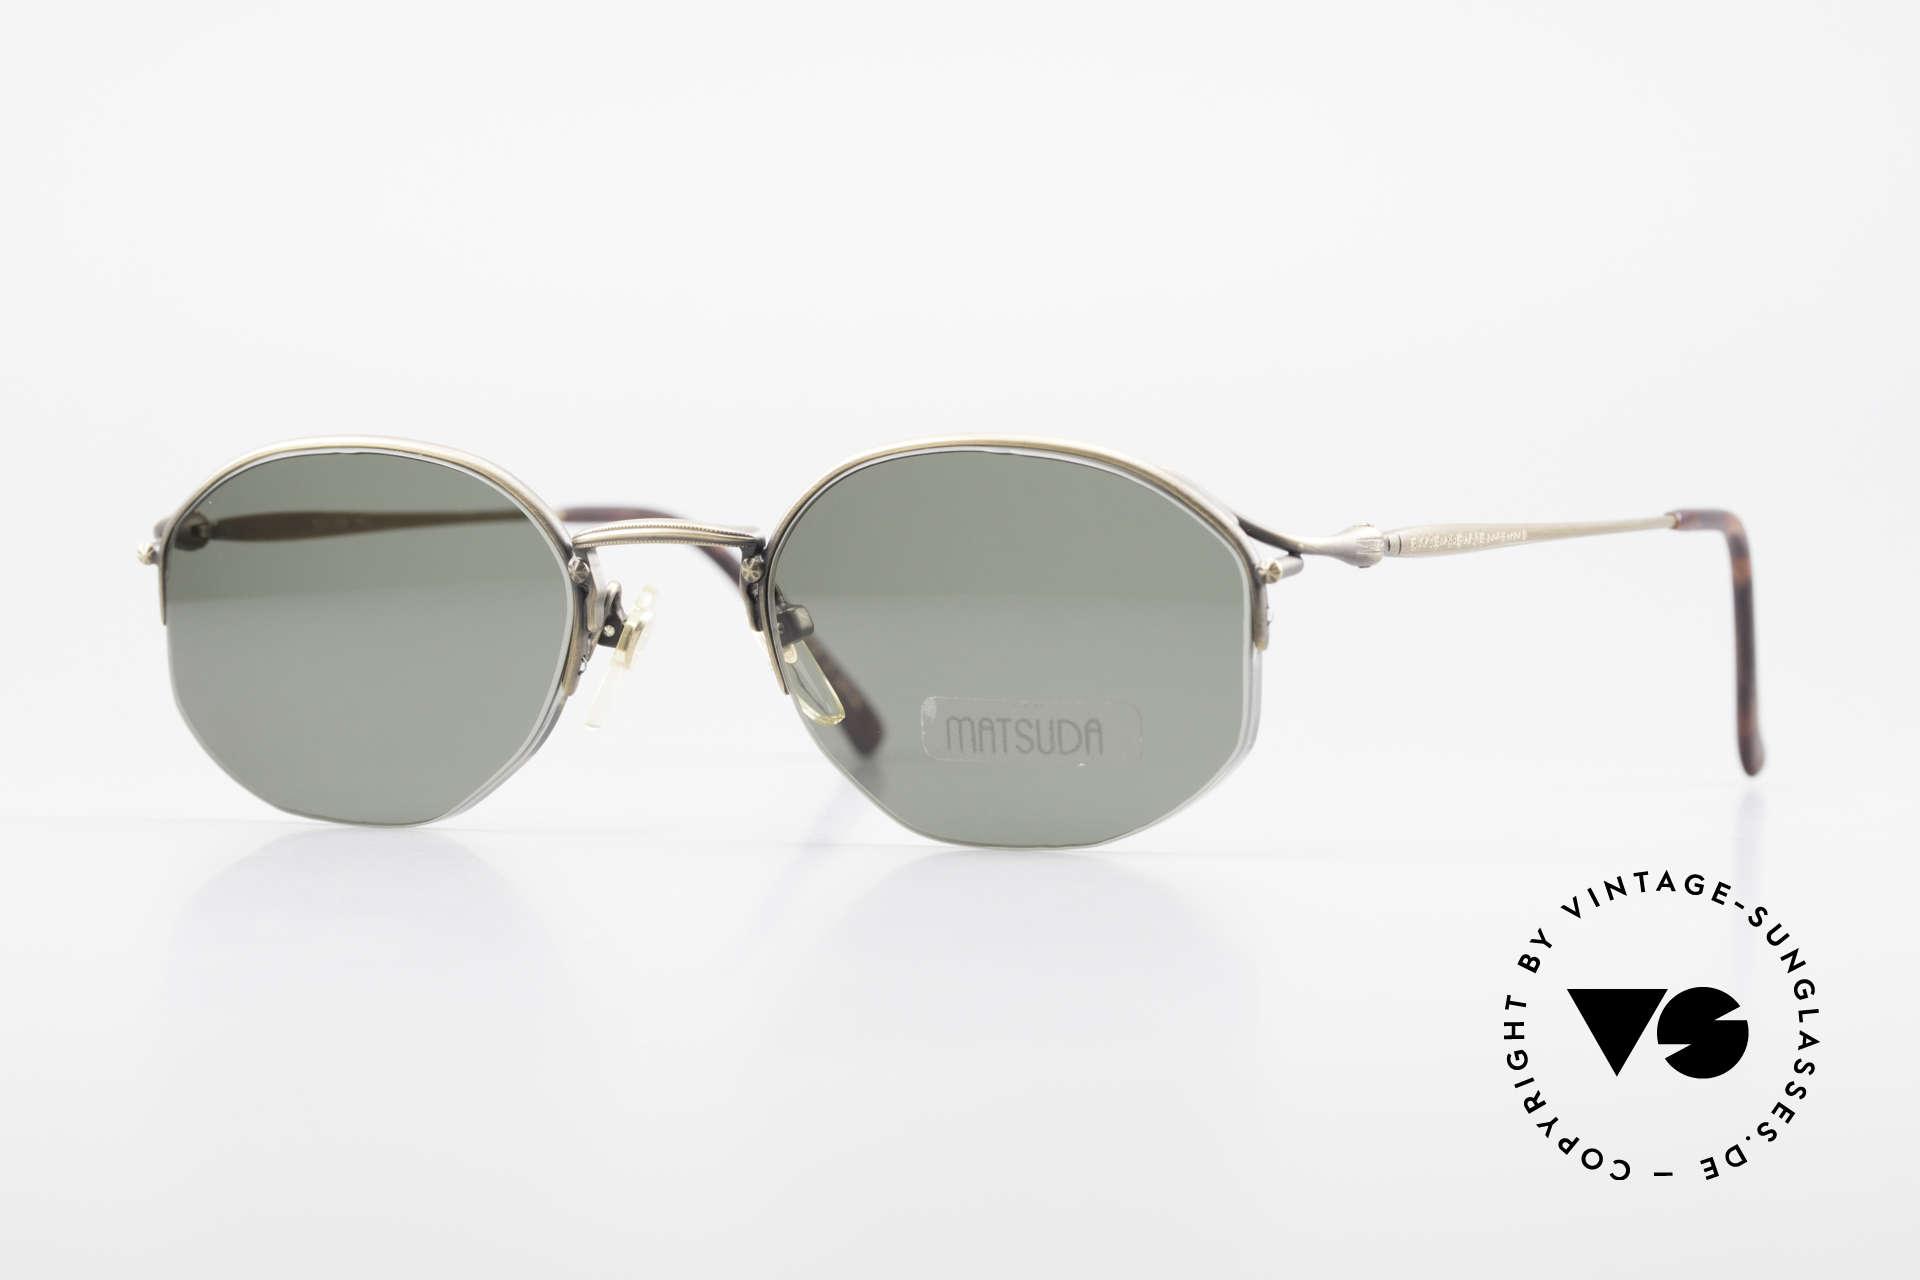 Matsuda 2855 Vintage Sonnenbrille Nylor, vintage Matsuda Sonnenbrille aus den 1990ern, Passend für Herren und Damen